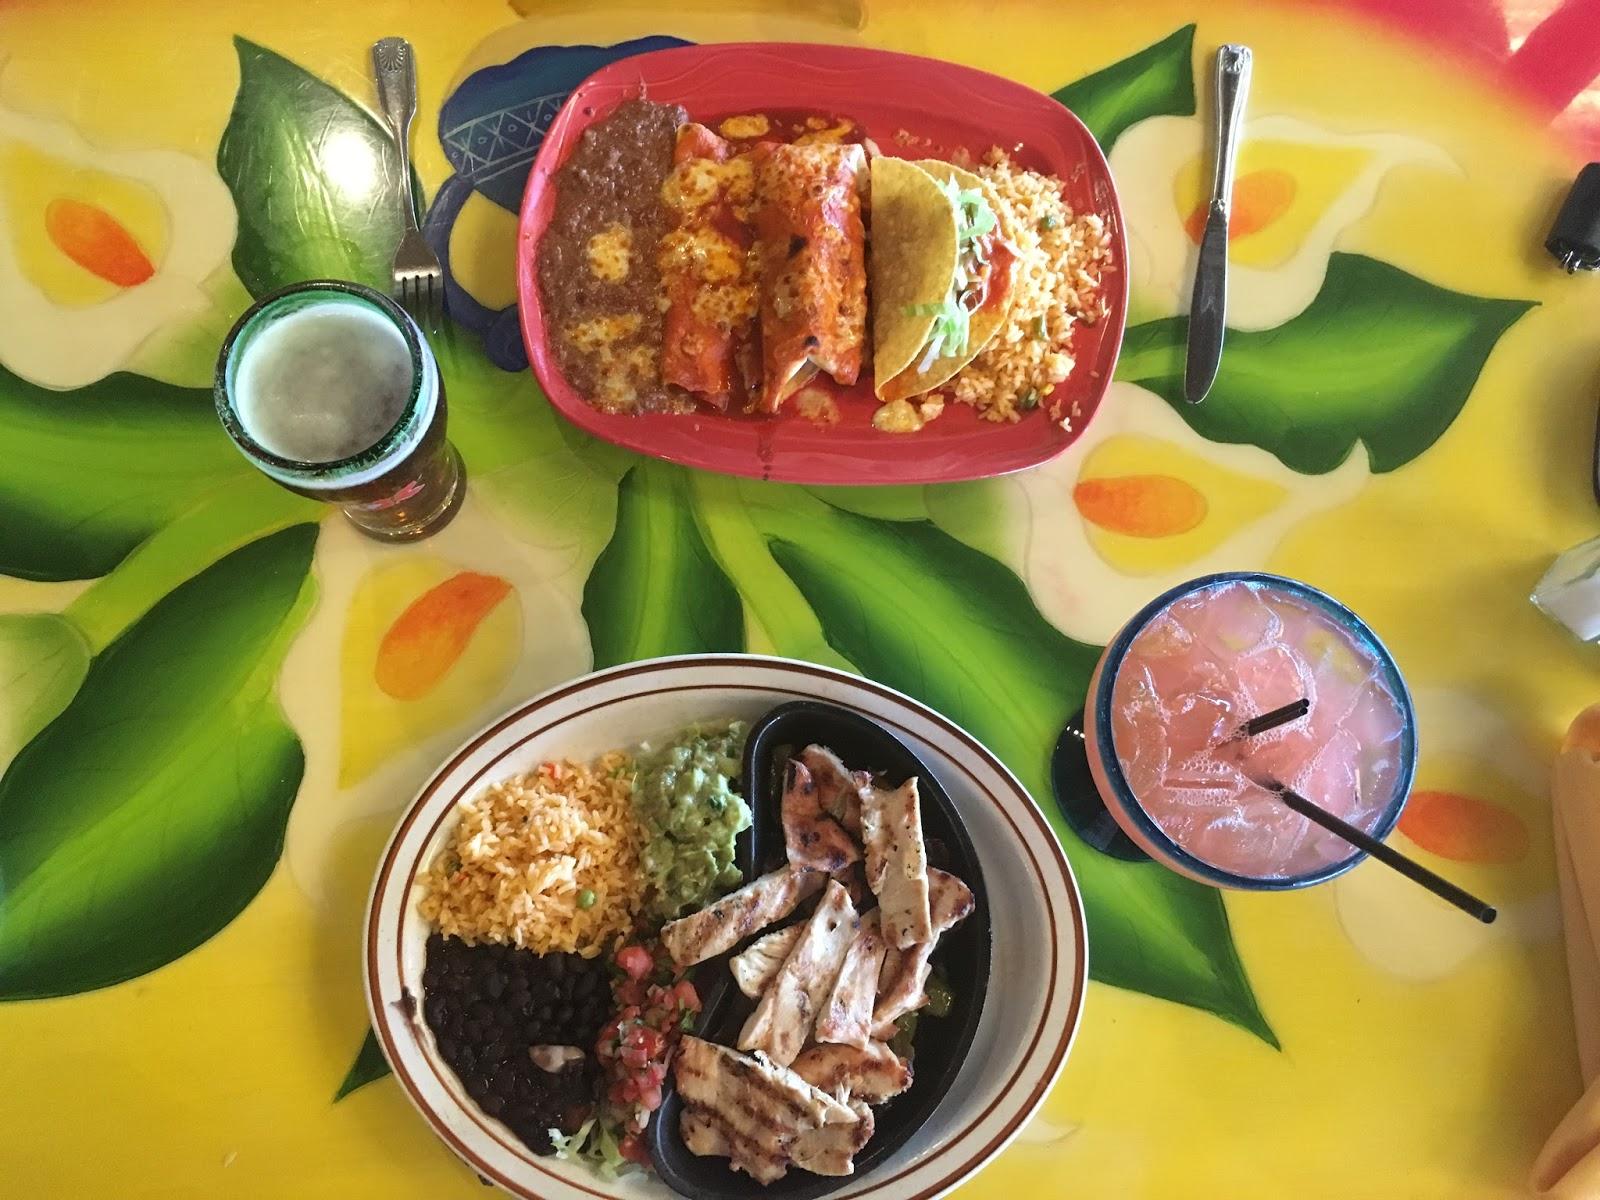 Chicken fajita, burrito, enchilada, and taco at Don Jose Sebring